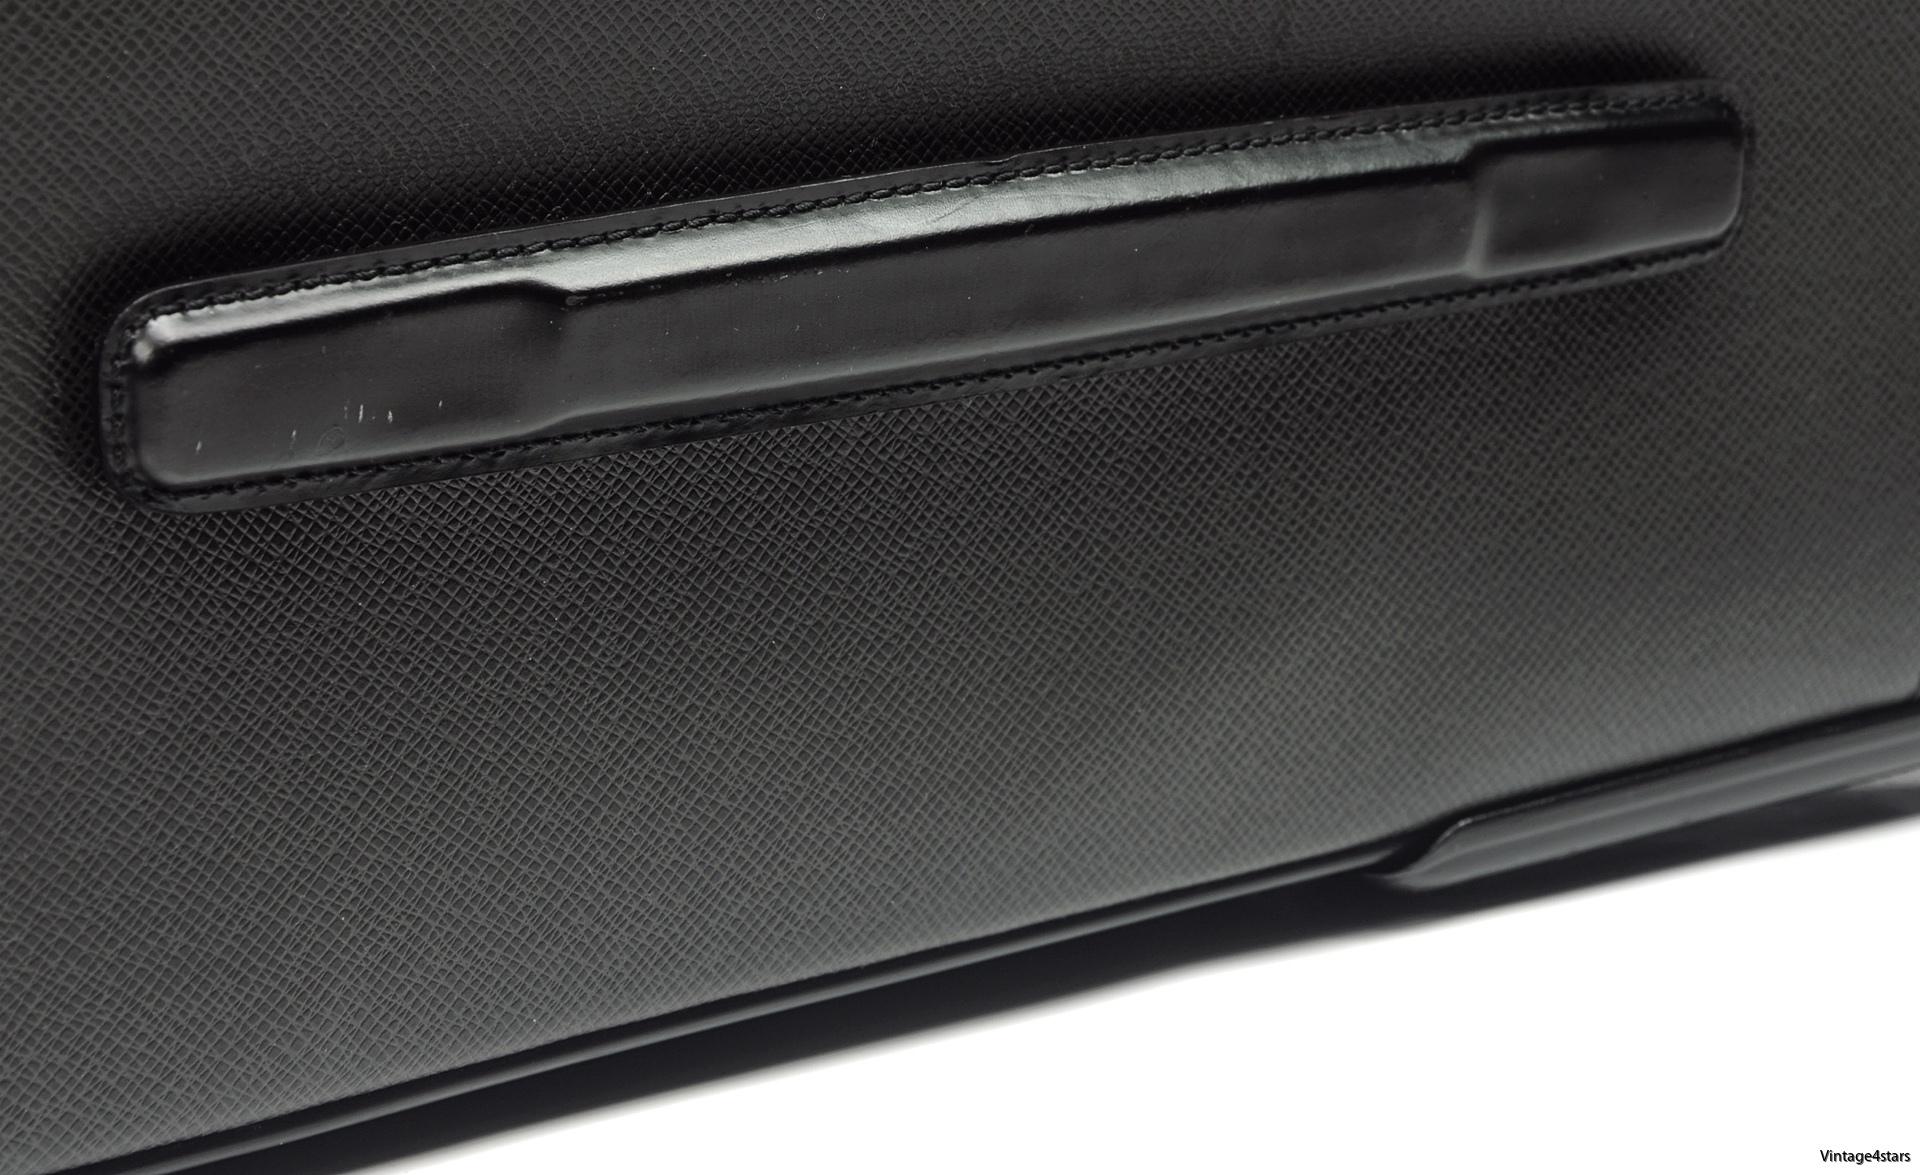 Louis Vuitton Pegase 55 Taiga Ardoise 8 1